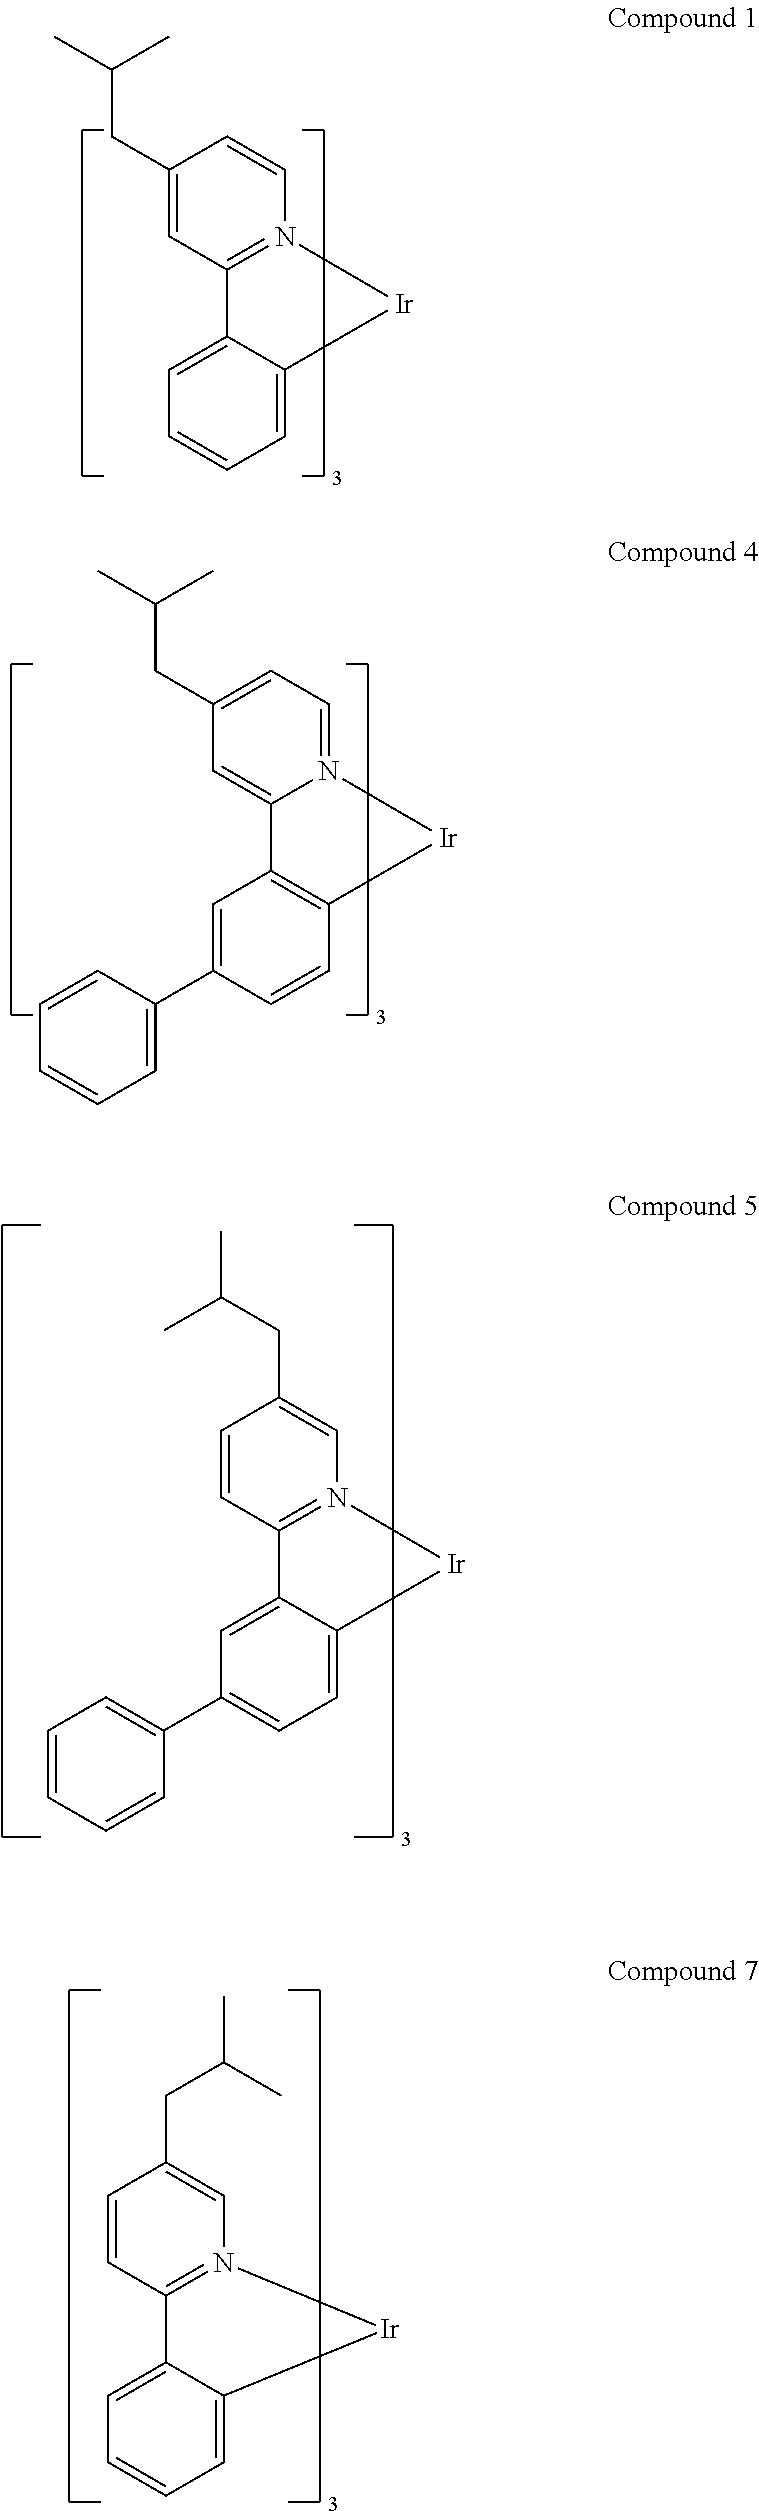 Figure US09899612-20180220-C00007